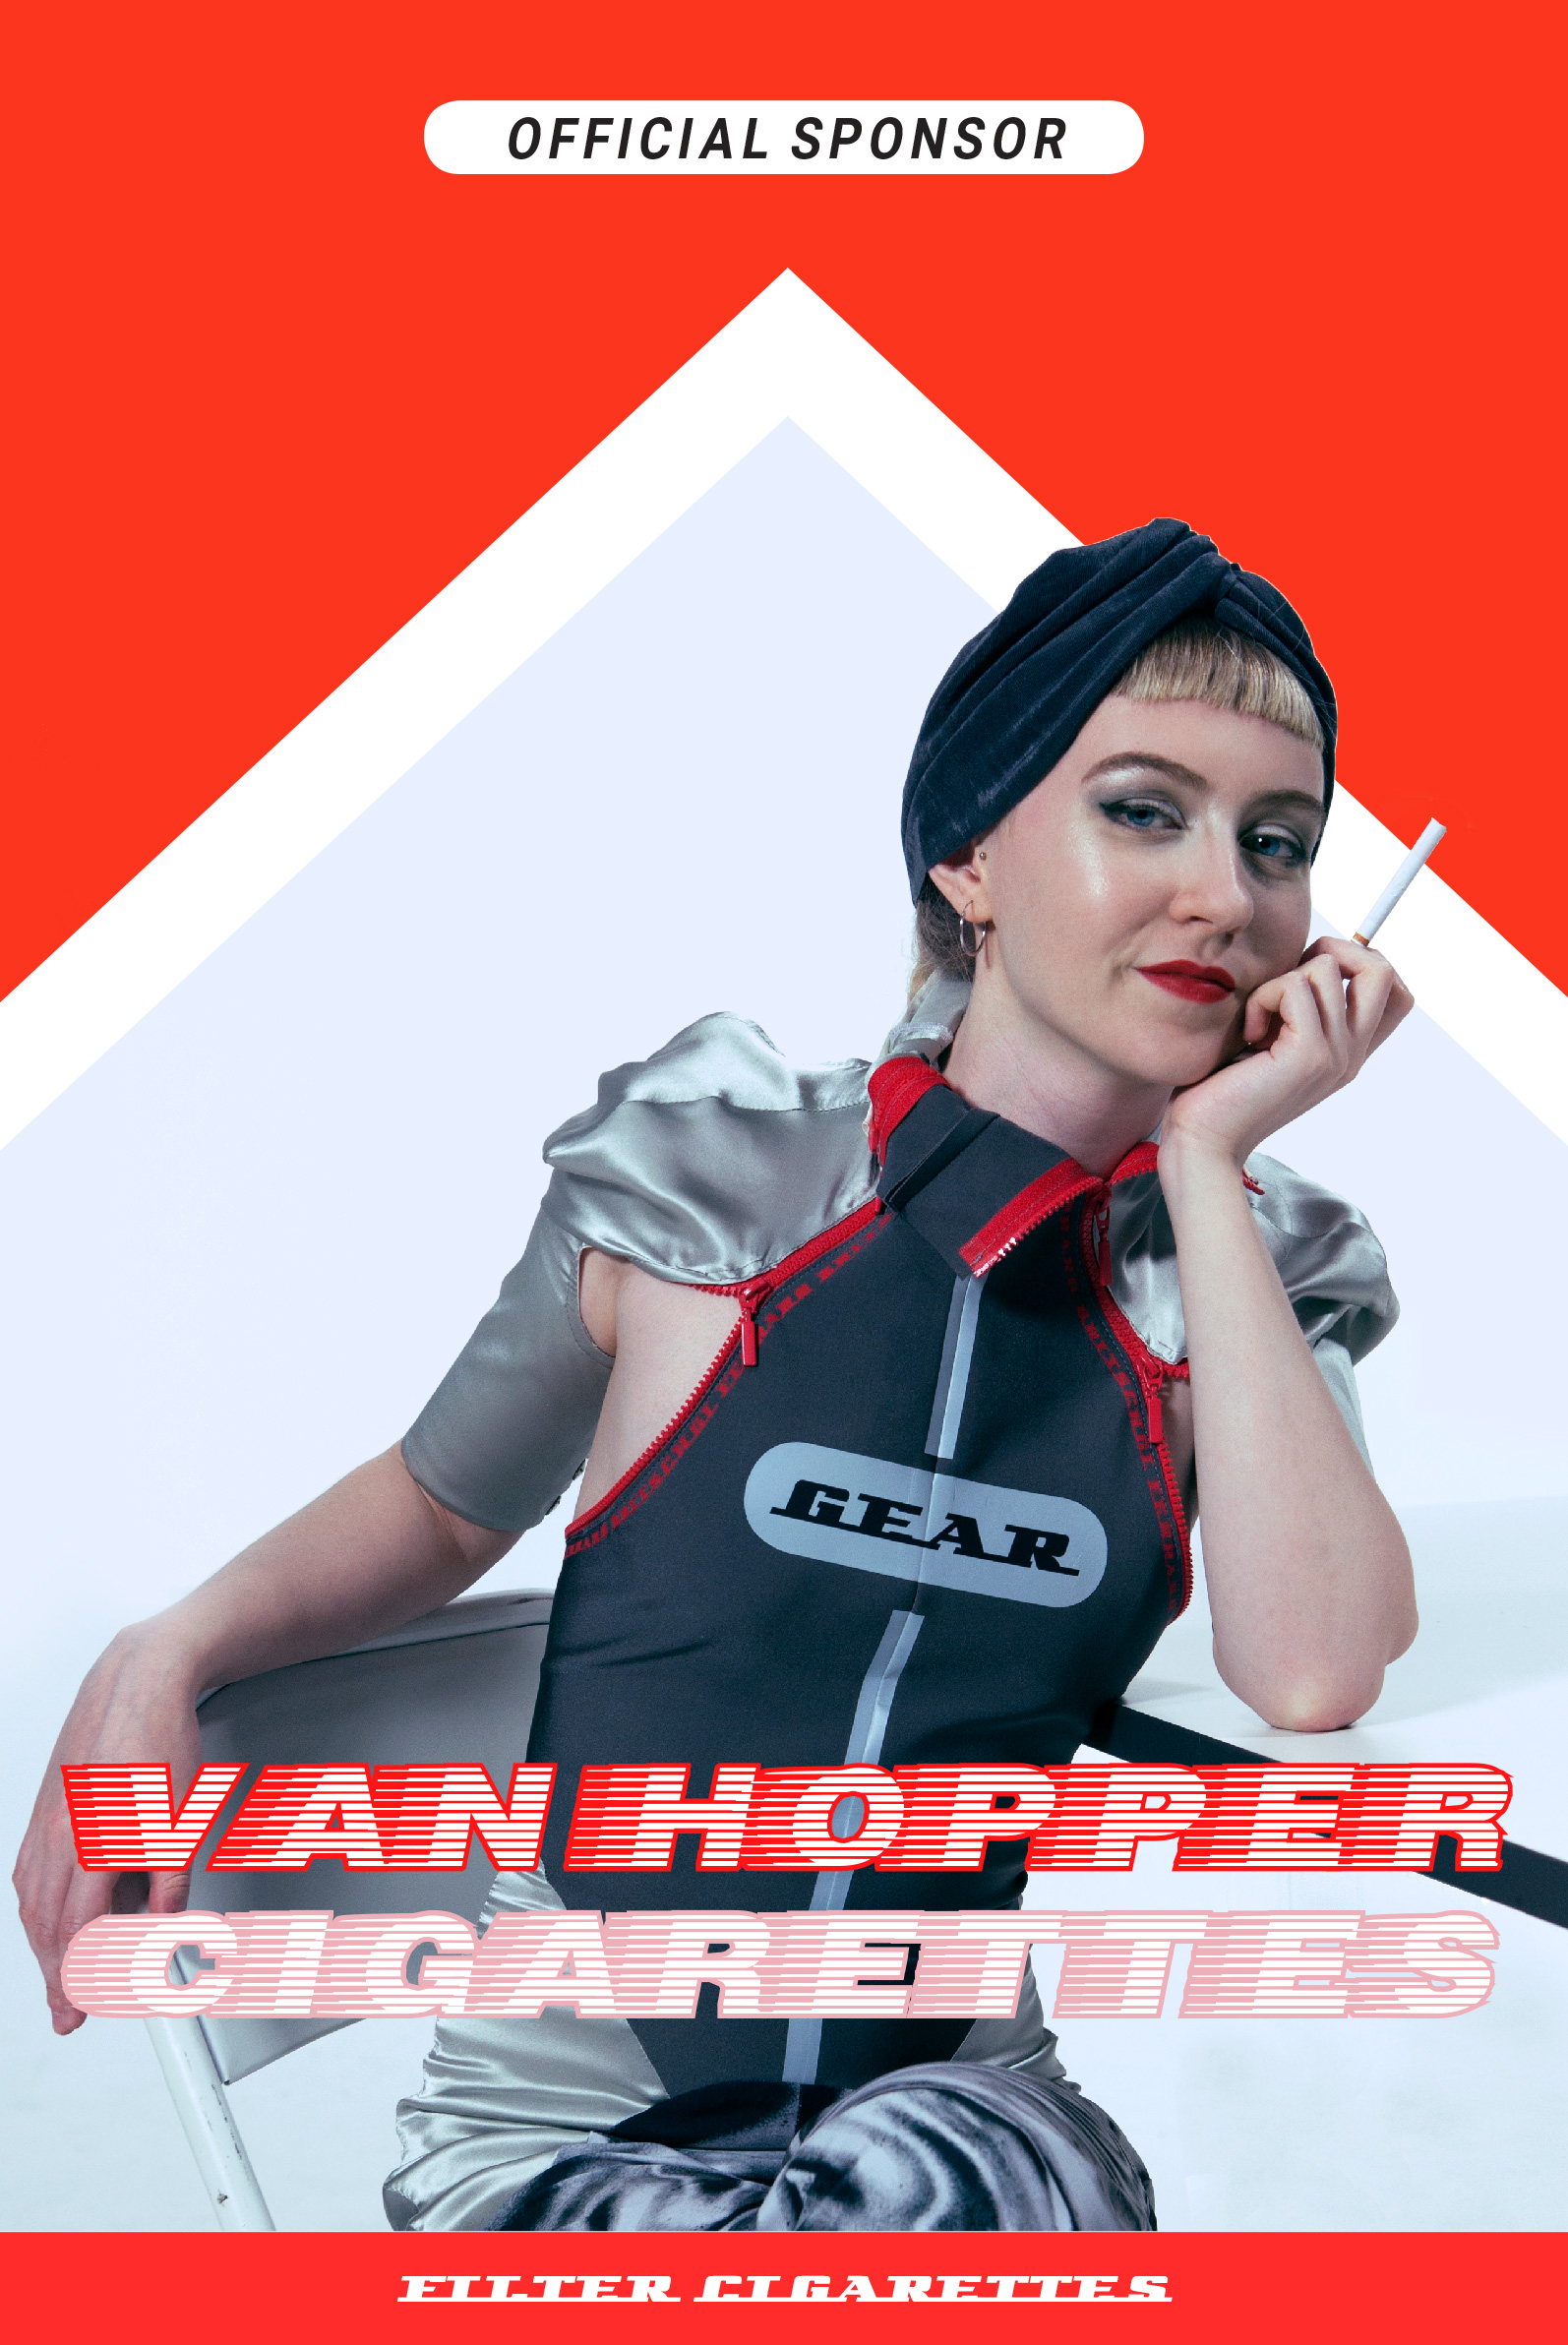 Van Hopper cigarettes, official sponsor fake advertising